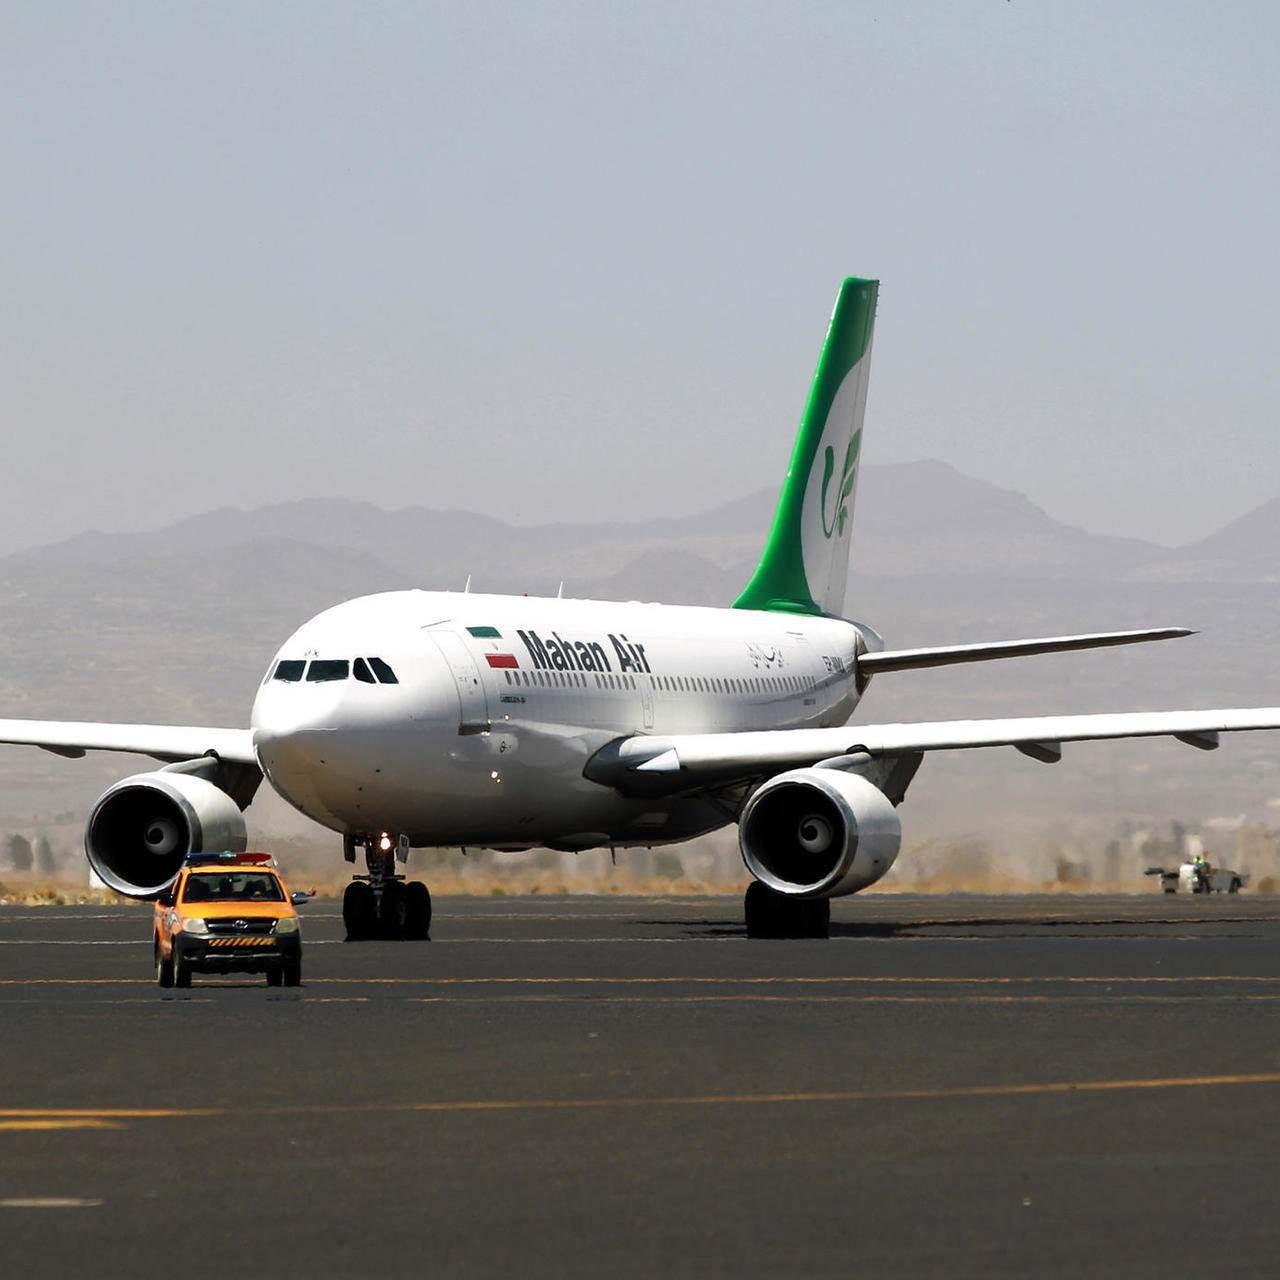 تسبب الاستهداف الأميركي للطائرة المدنية الإيرانية بهلع لدى المسافرين في الطائرة